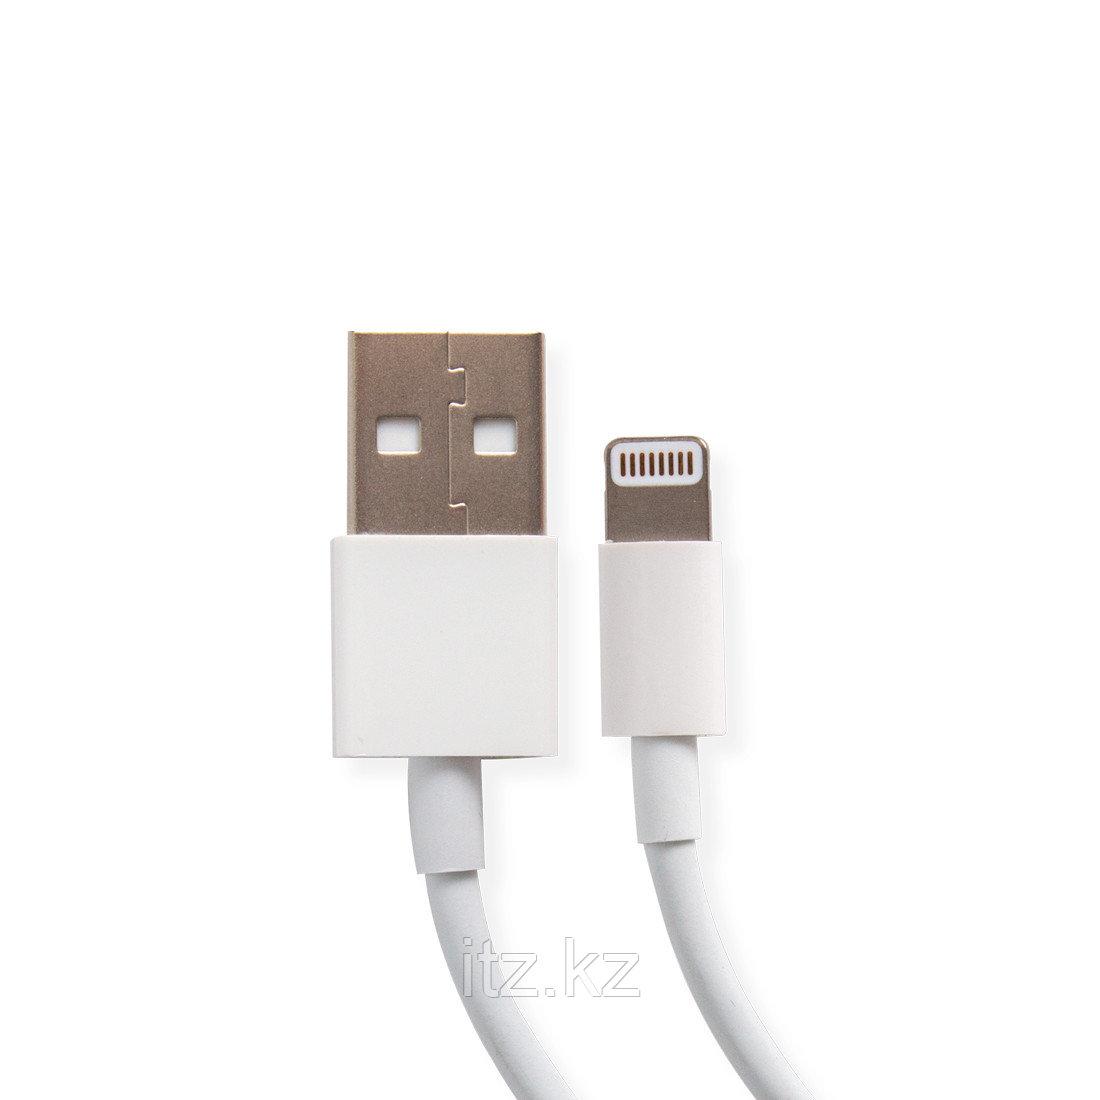 Интерфейсный кабель USB-Lightning Xiaomi ZMI AL813 100 см Белый